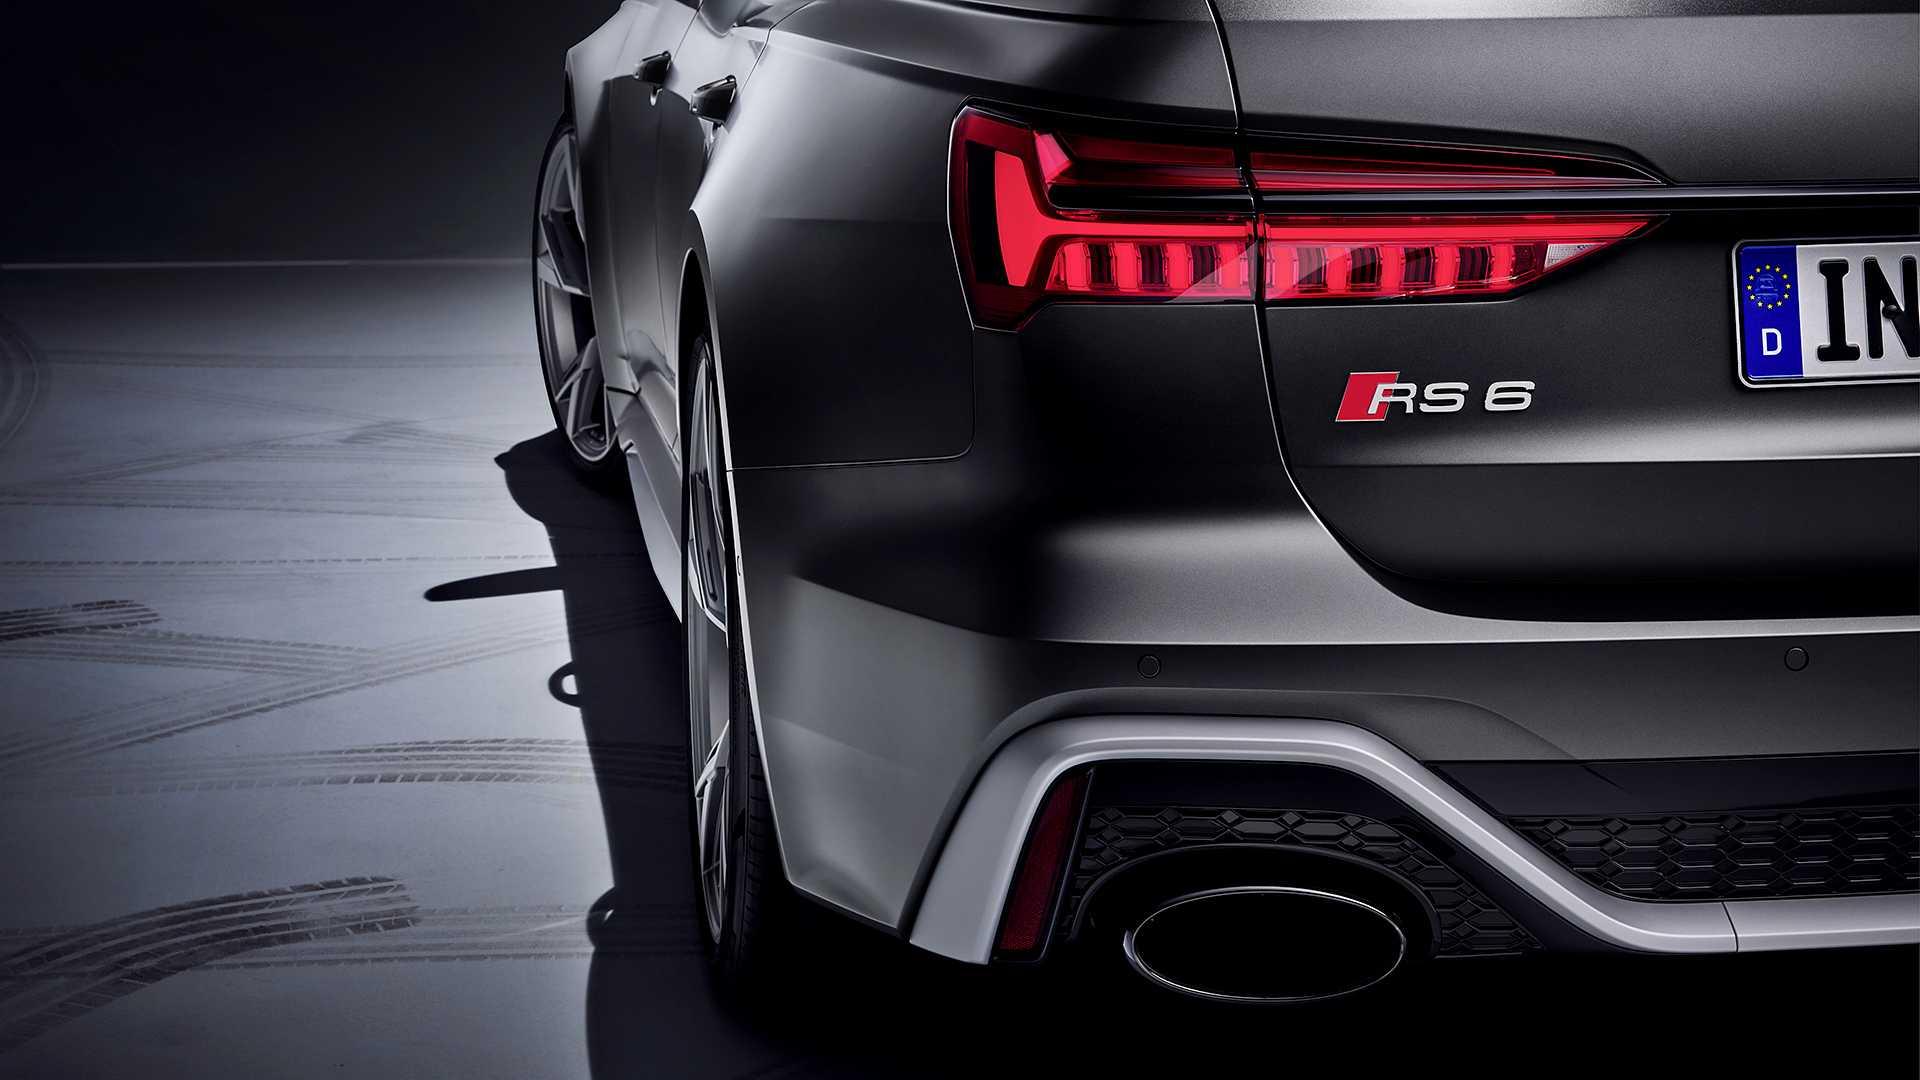 Audi RS6 Avant lần đầu ra mắt tại Mỹ kỷ niệm 25 năm dòng xe RS của Audi - 22